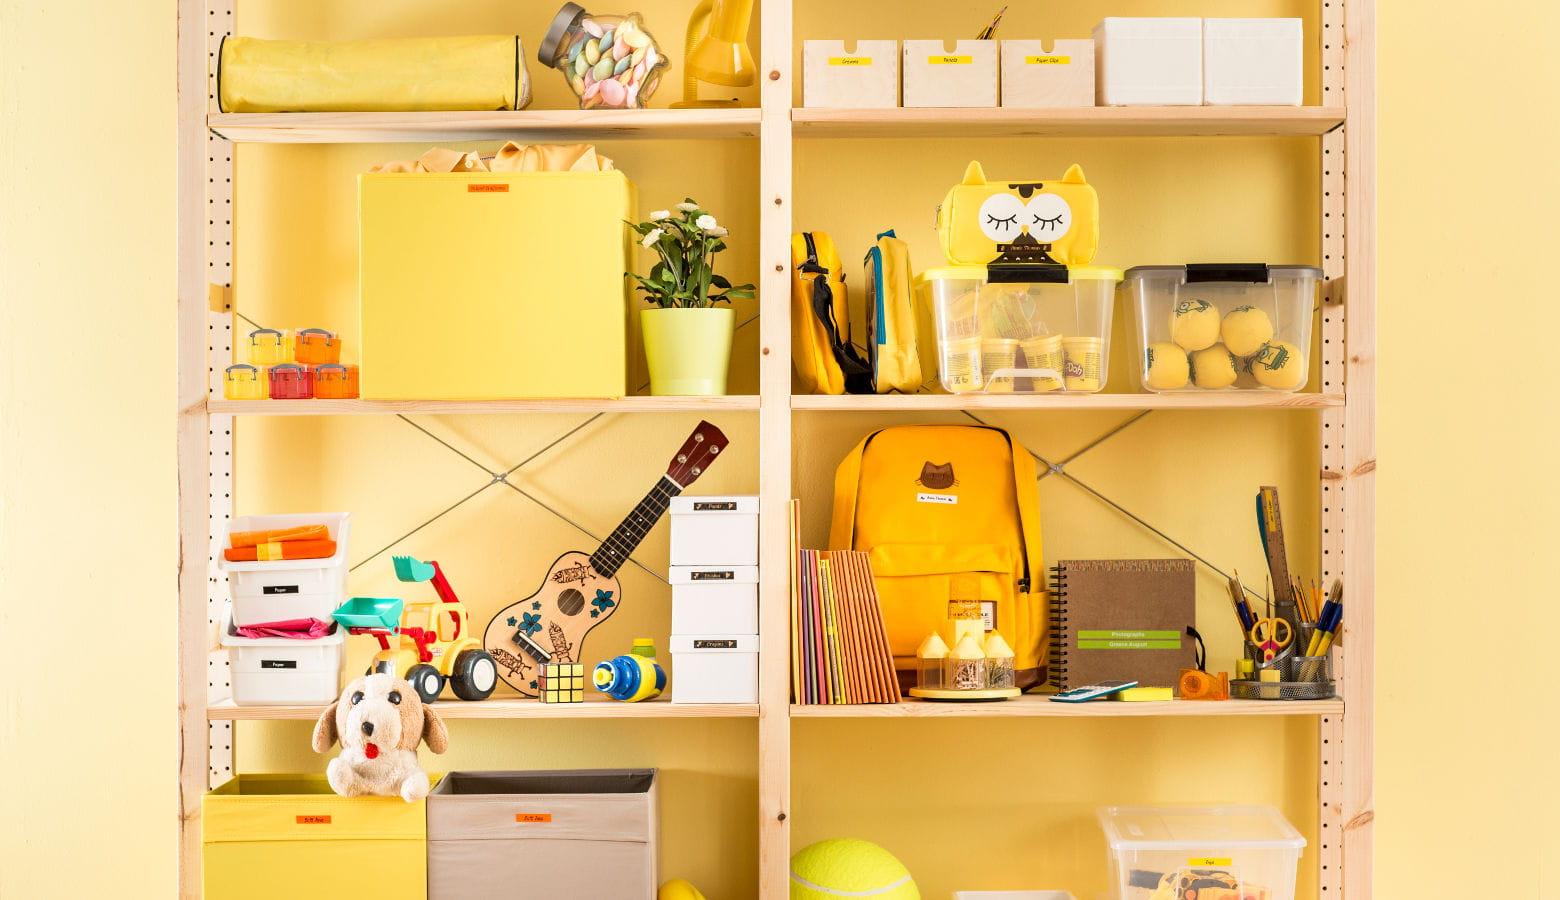 Habitación infantil con objetos etiquetados